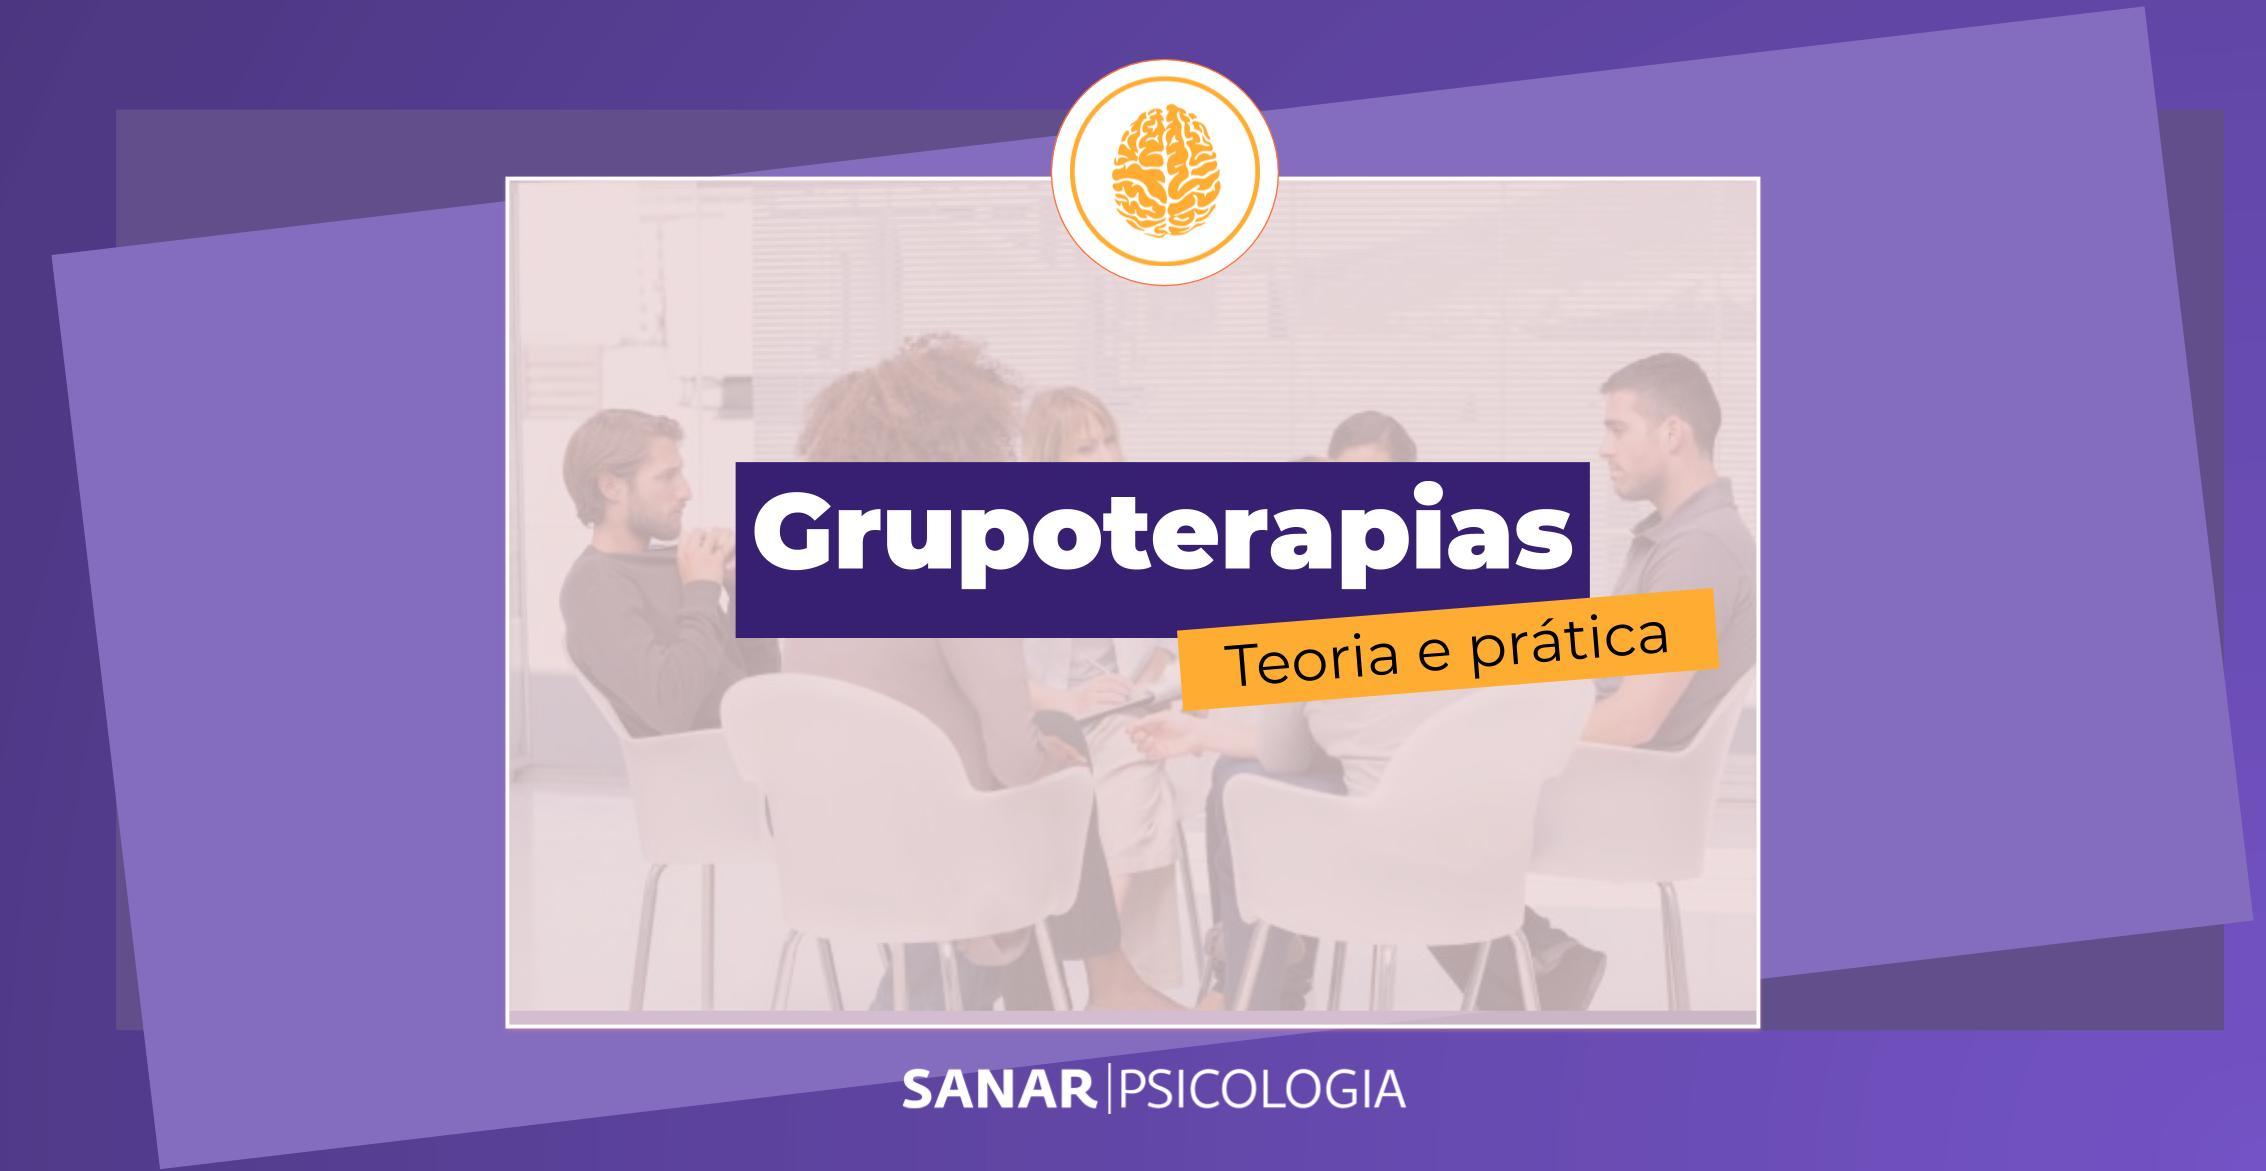 Grupoterapia: teoria e prática